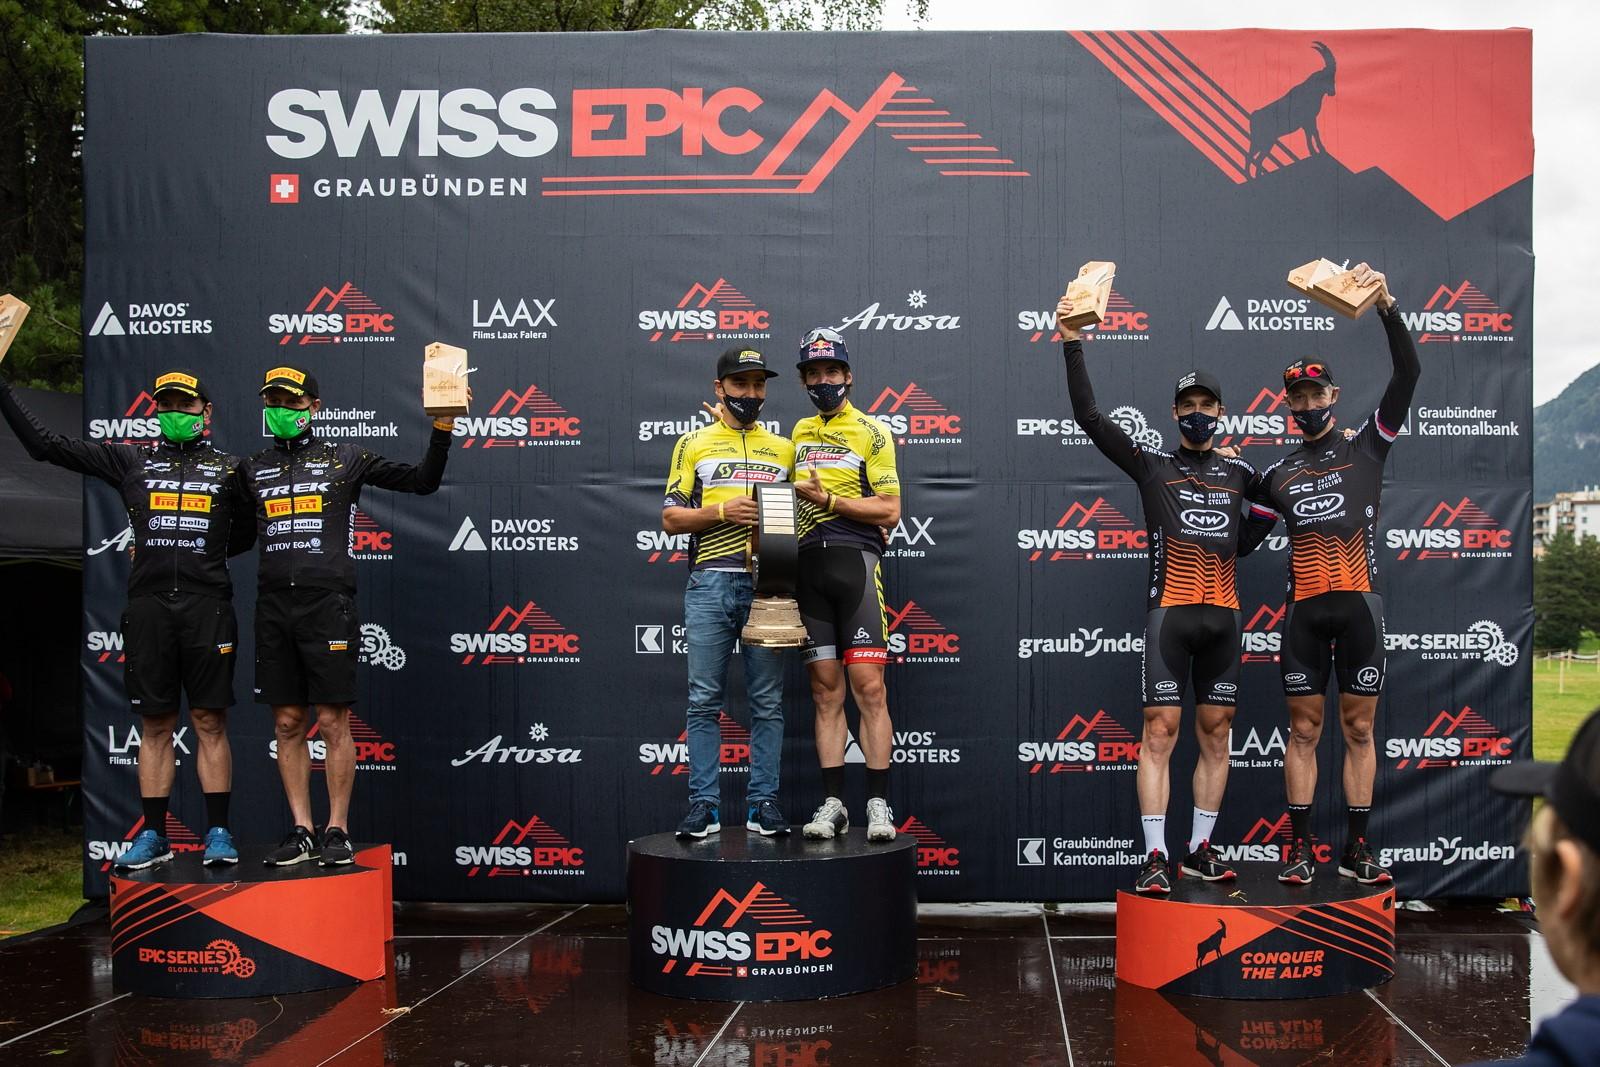 Stupně vítězů Swiss Epic 2020. Foto: Michal Červený